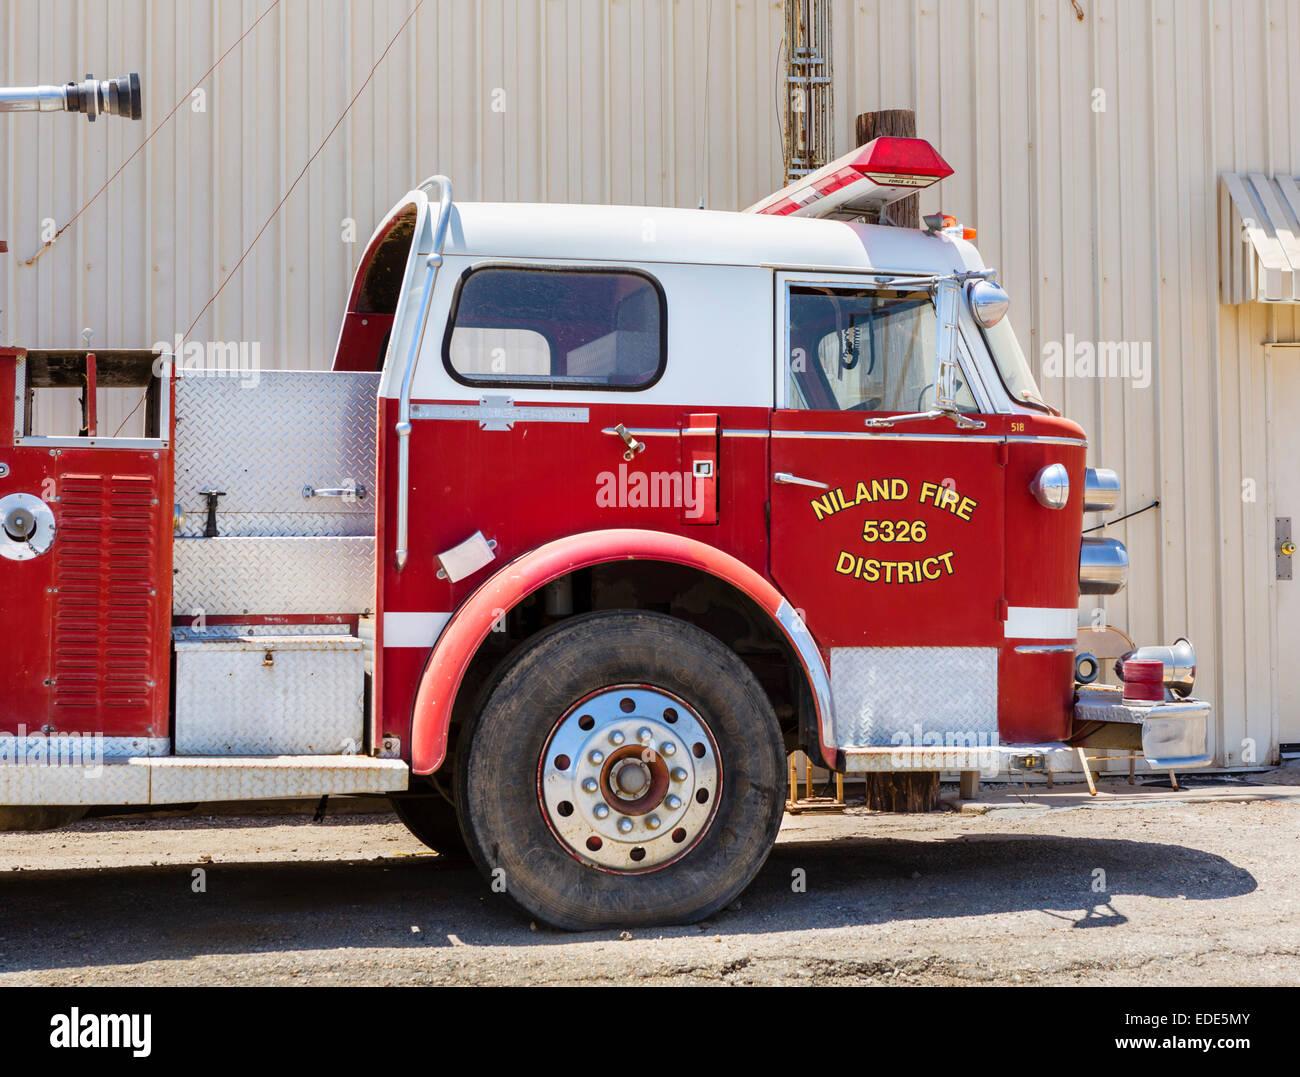 Camion dei pompieri a Bombay Beach sul Salton Sea, Imperial County, California, Stati Uniti d'America Immagini Stock